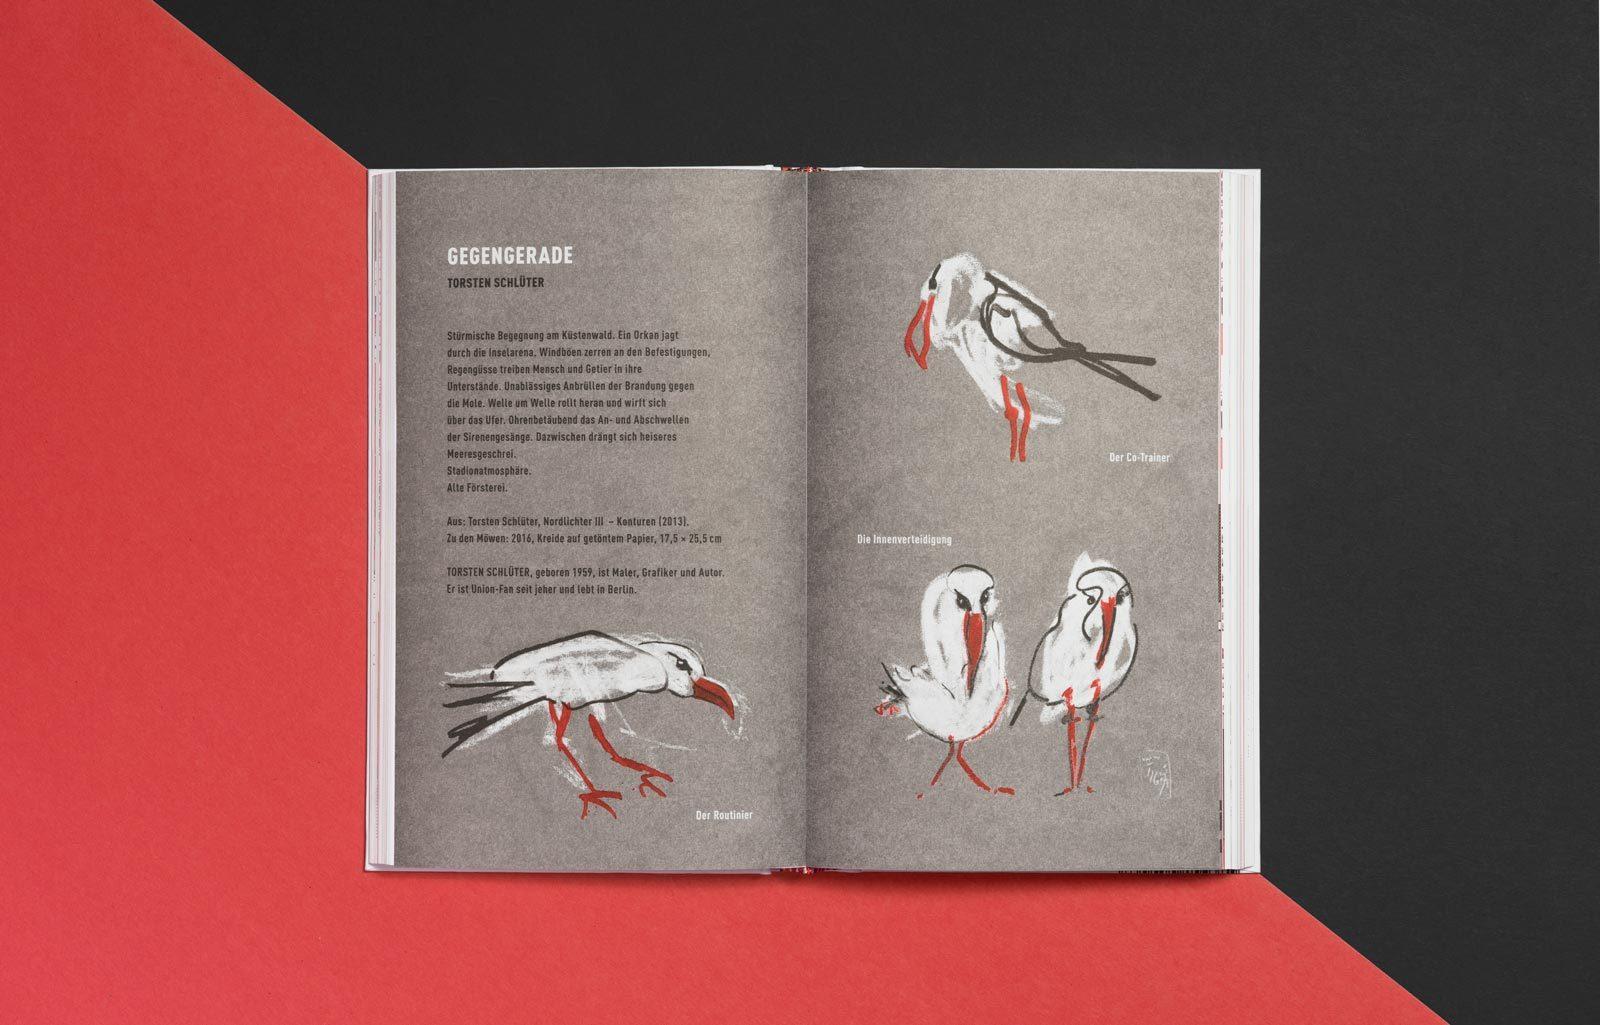 Editienne Grafikdesign - Kommunikationsdesign Berlin- Buchgestaltung und Coverdesign- Alles steht auf Rot 6